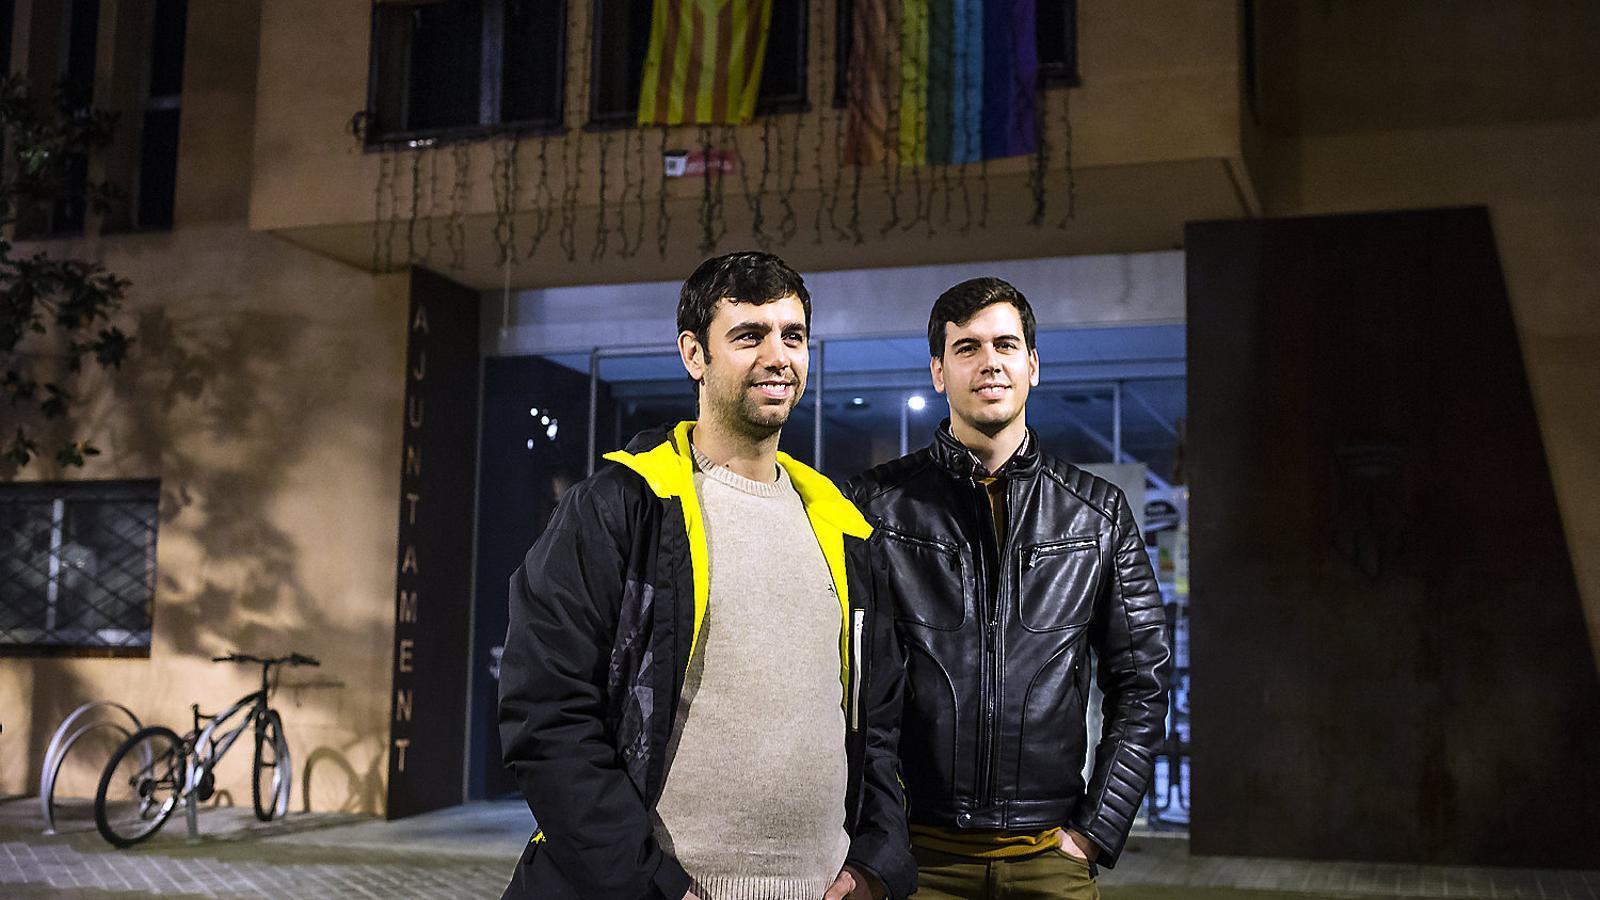 L'alcalde Eudald Calvo, en primer terme, al costat del seu germà, Bernat, davant de l'Ajuntament d'Argentona.